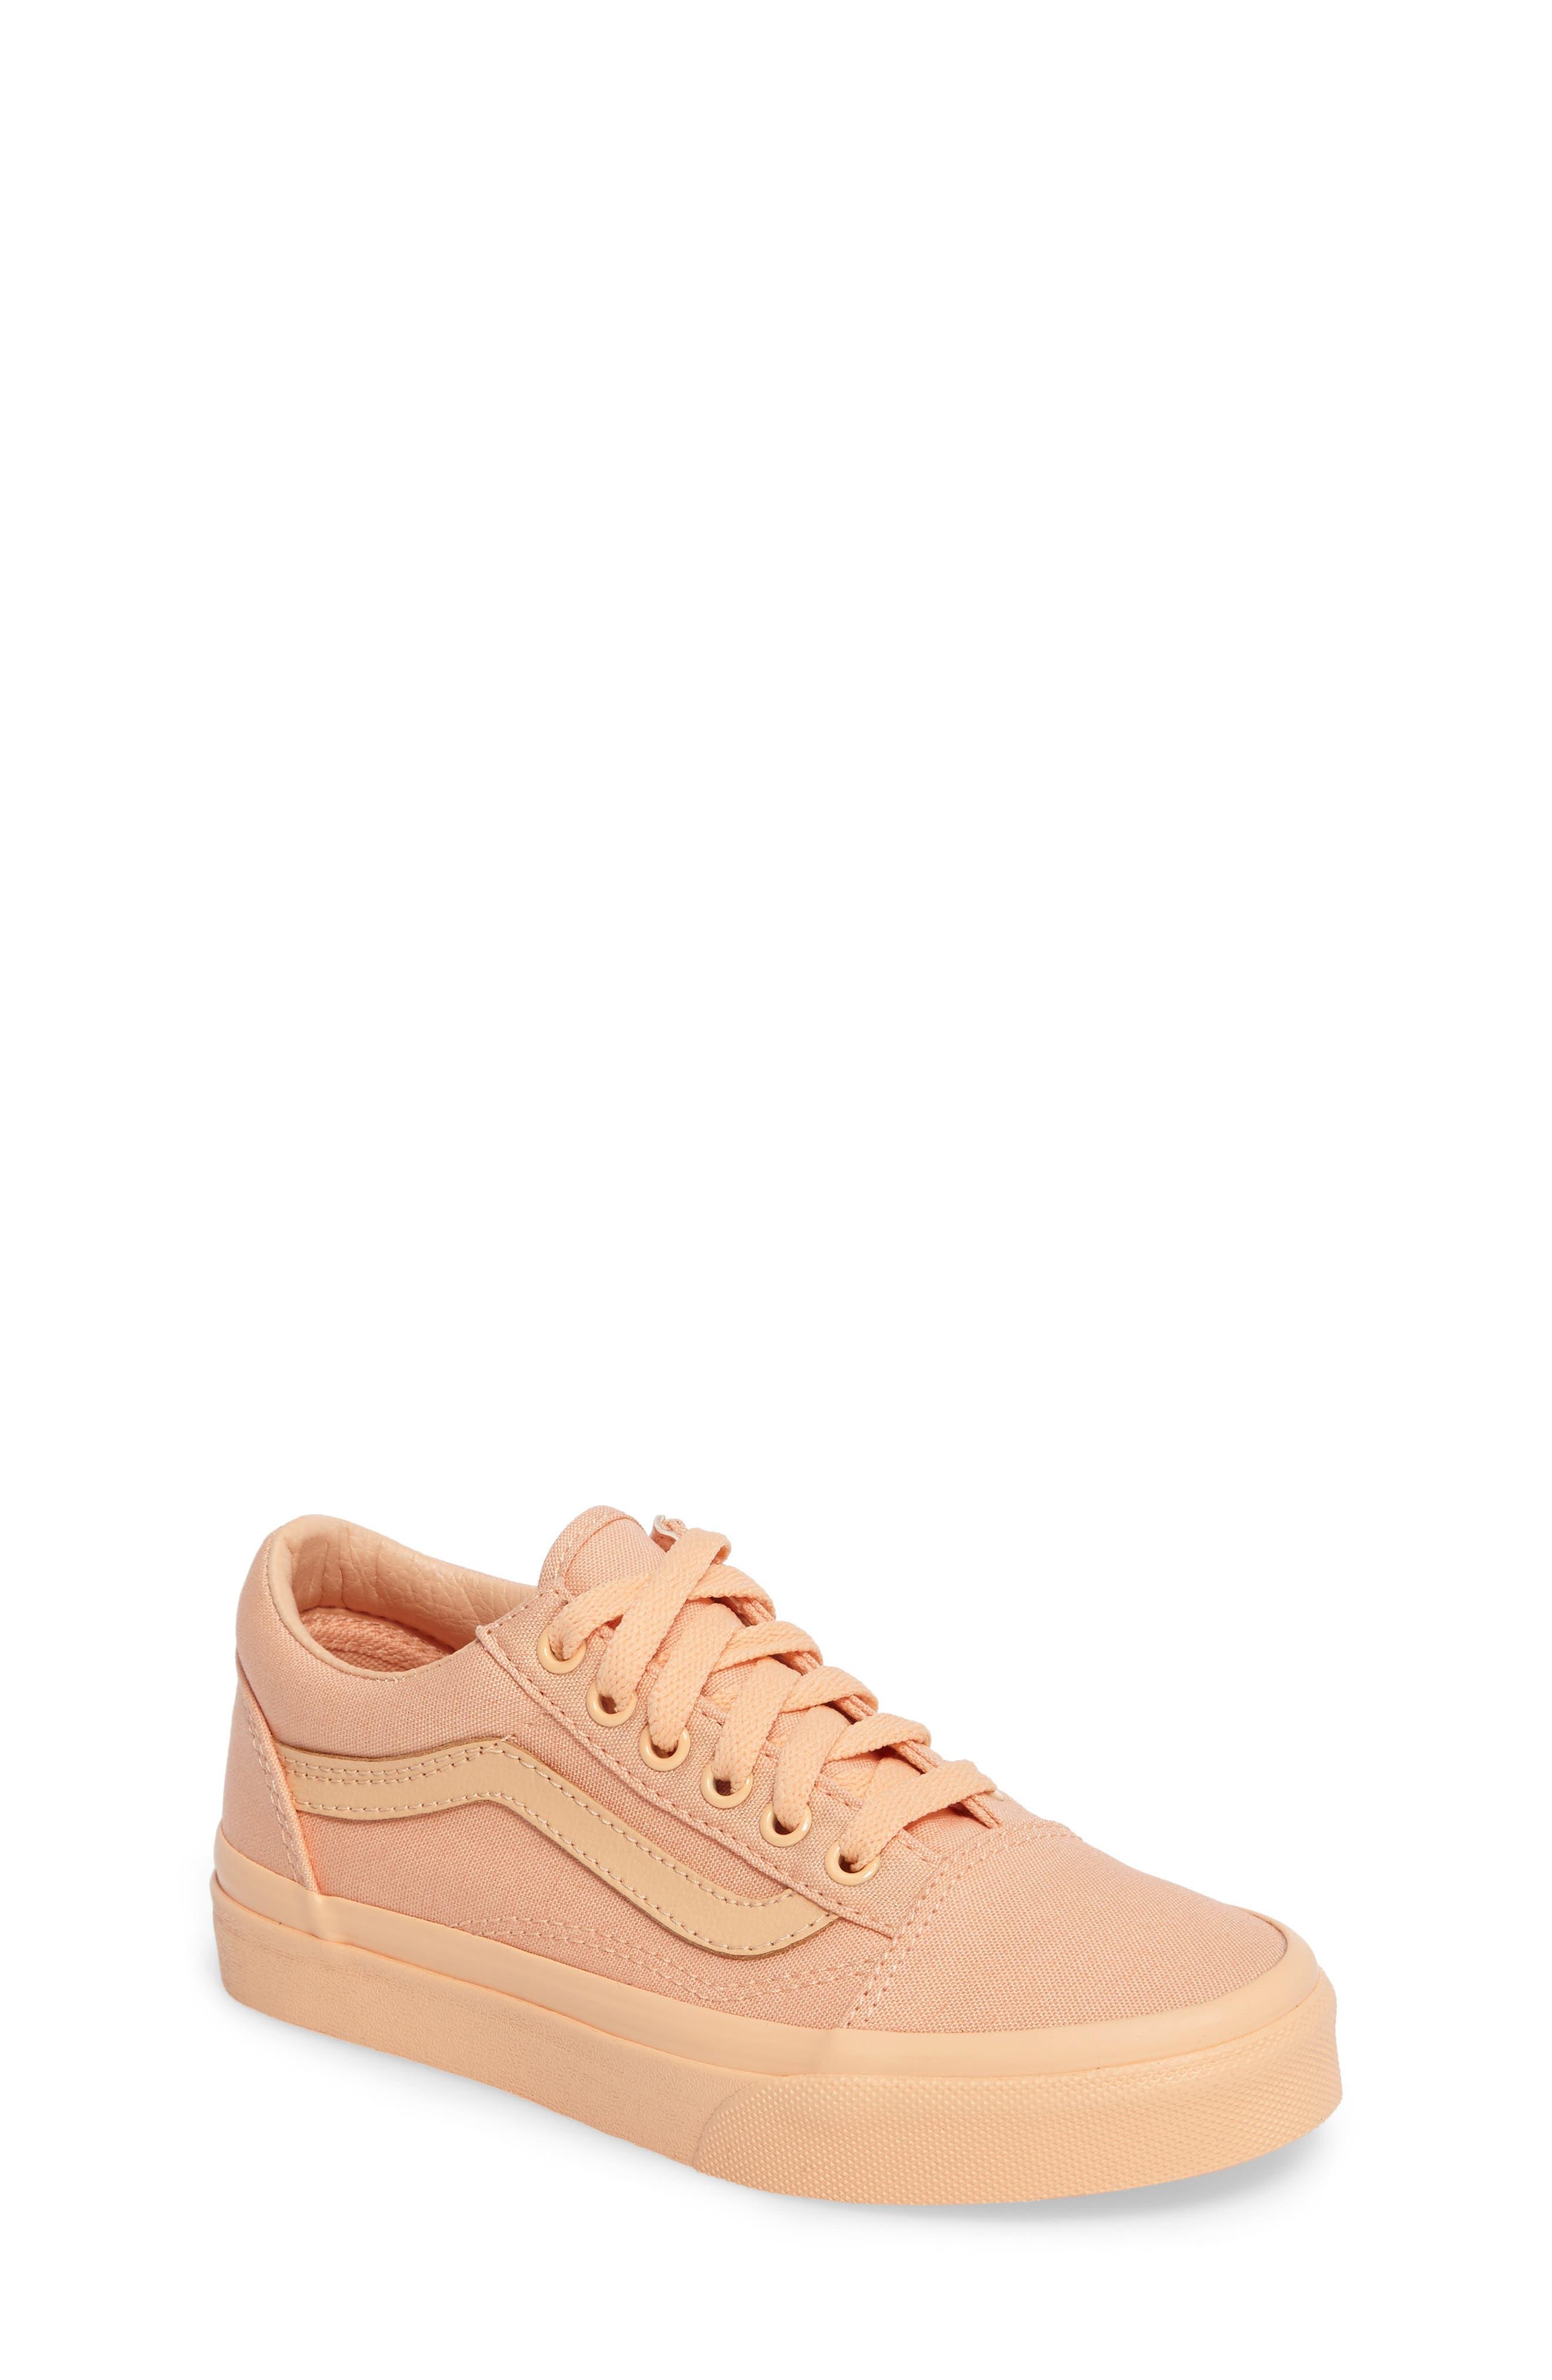 Old Skool Sneaker,                             Main thumbnail 2, color,